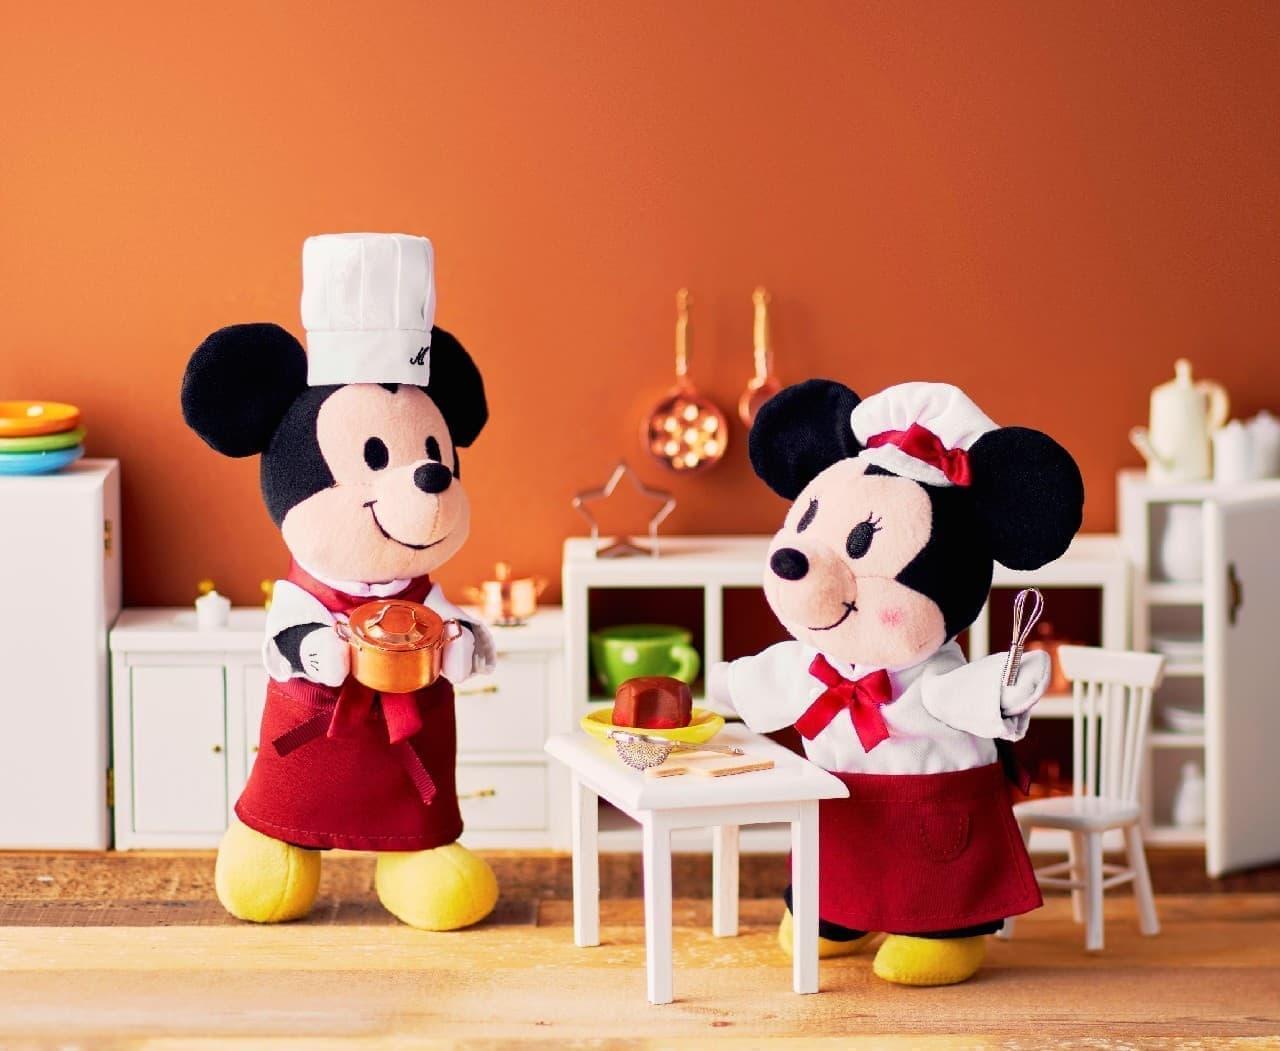 ディズニーのバレンタイン向け雑貨やぬいぐるみ--「パティスリー キハチ」とコラボしたスイーツも